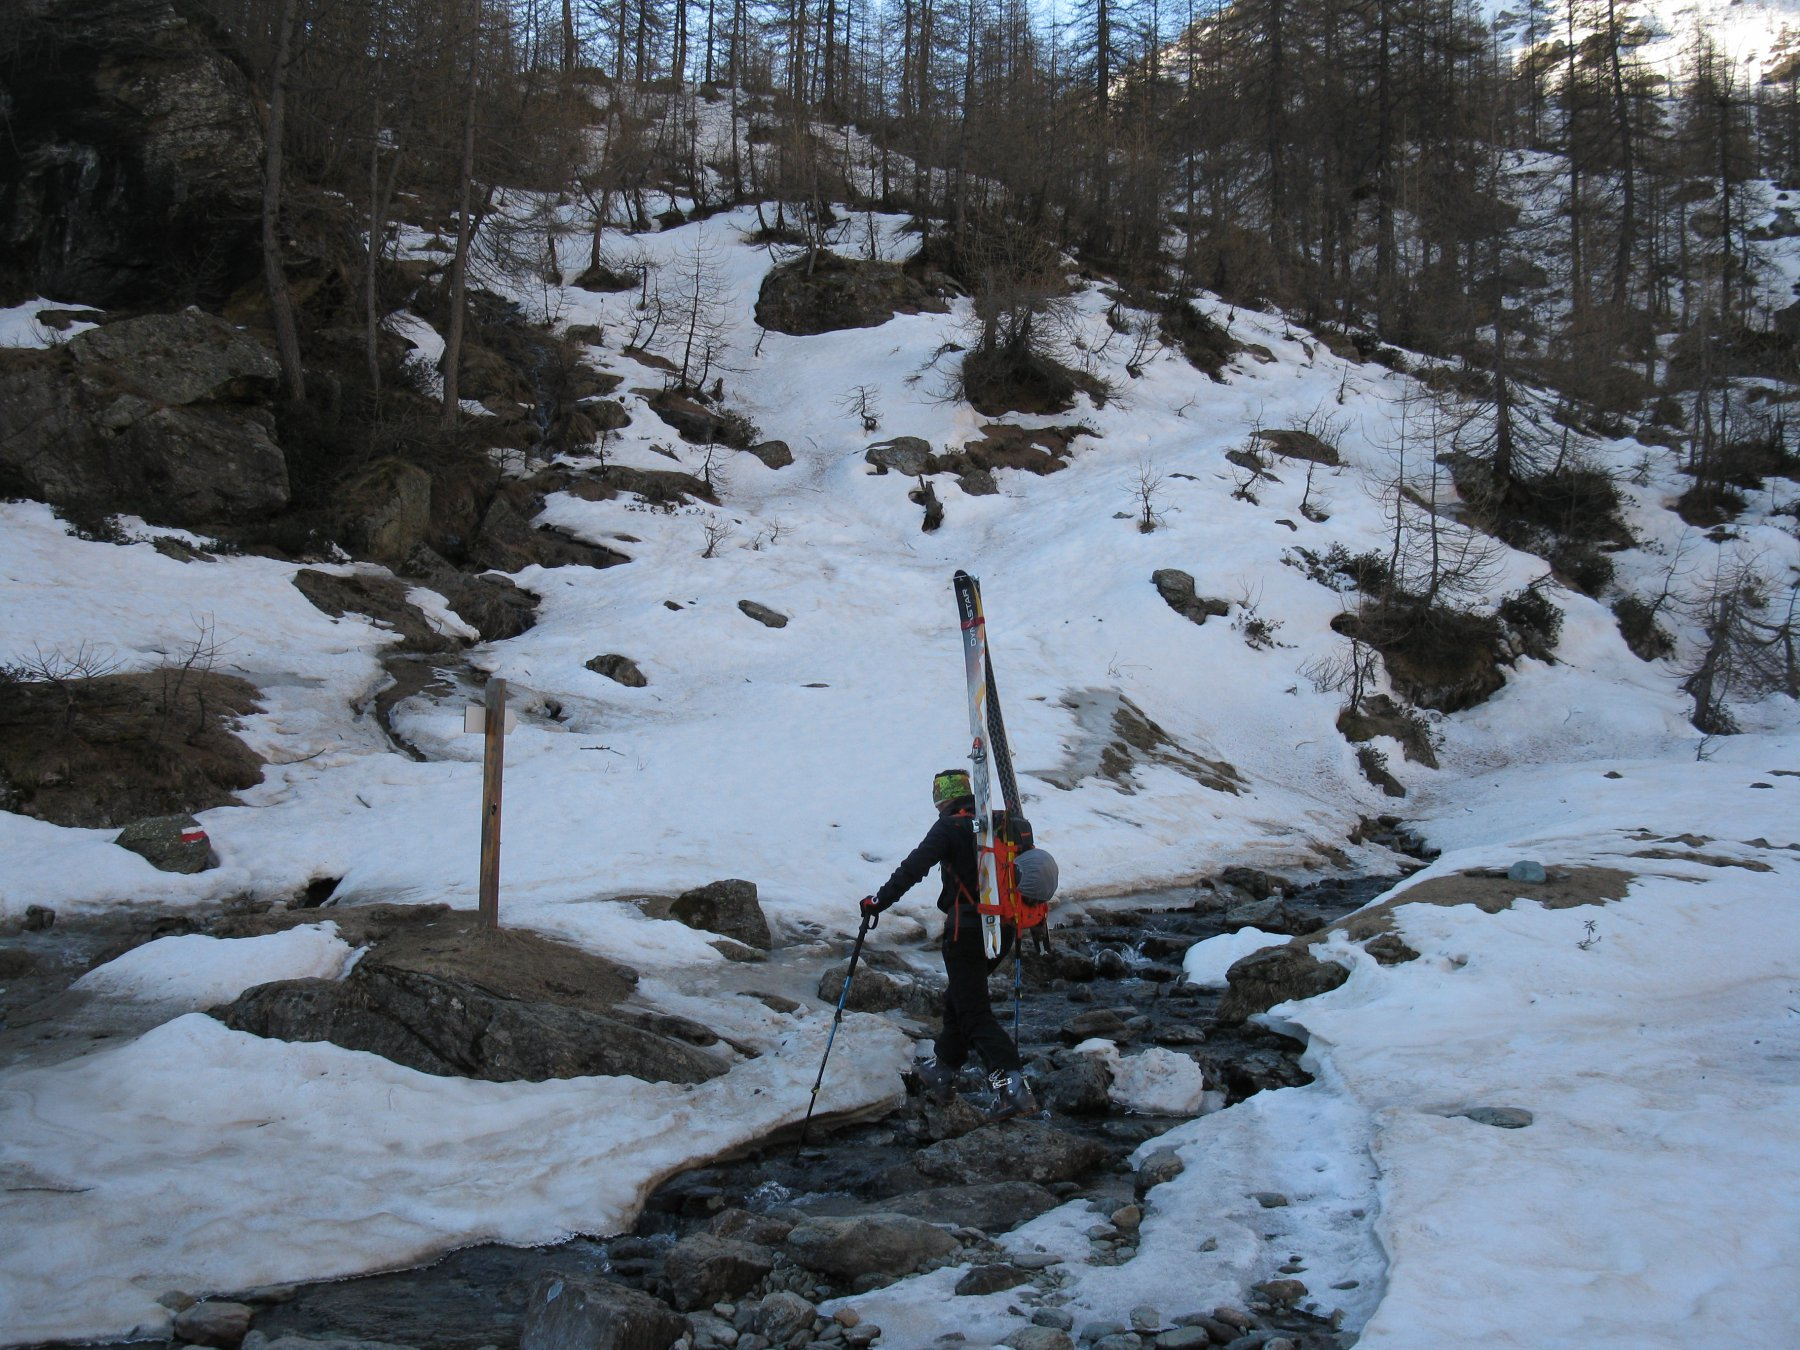 Inizio della neve al fondo del pianoro